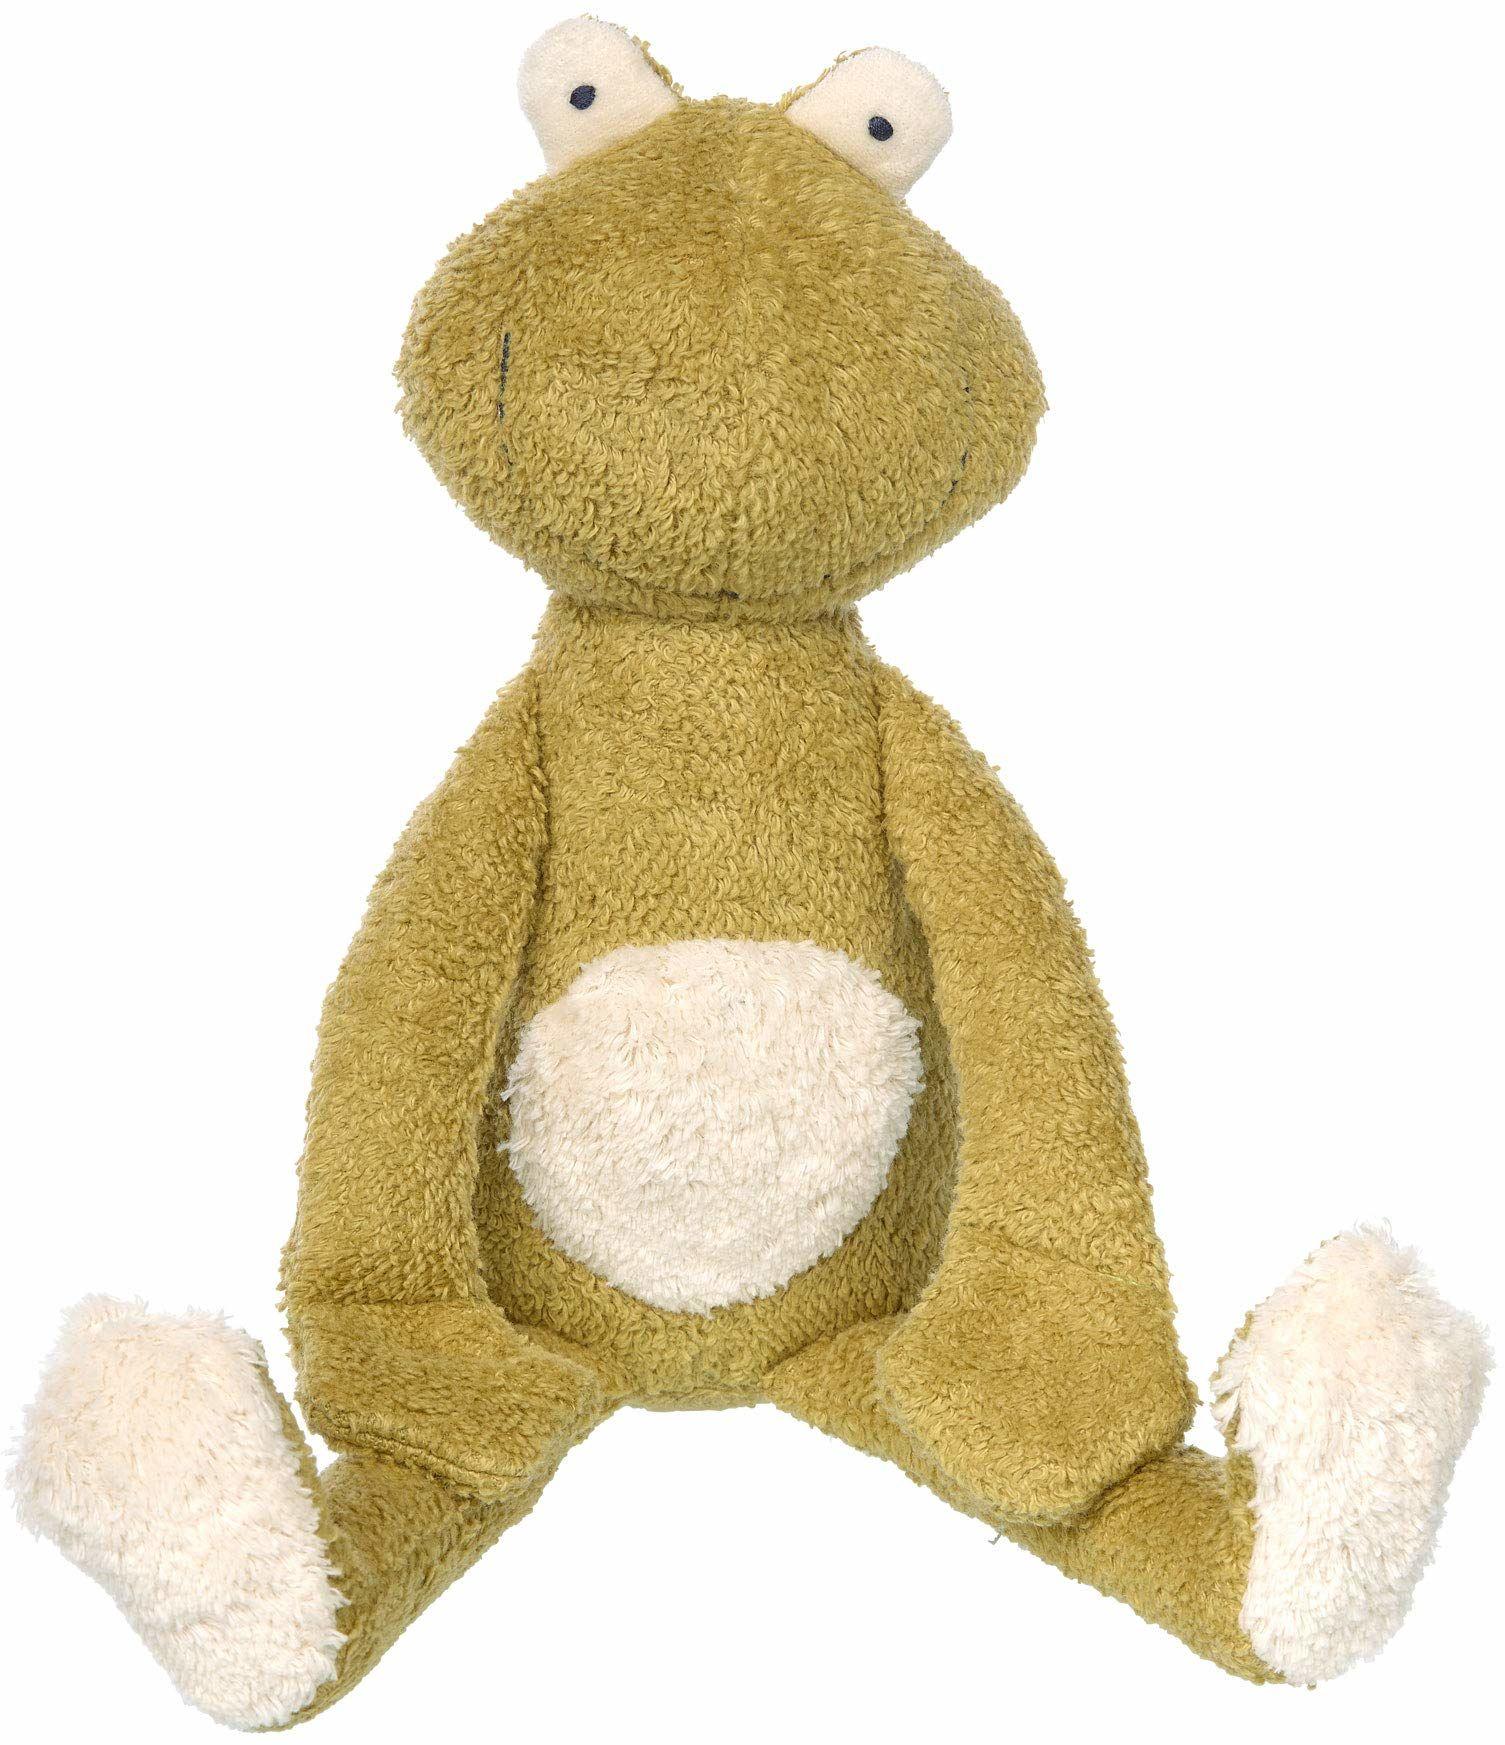 SIGIKID 39335 przytulanka żaba Green dziewczynki i chłopcy zabawka dla niemowląt zalecana od urodzenia zielona/biała